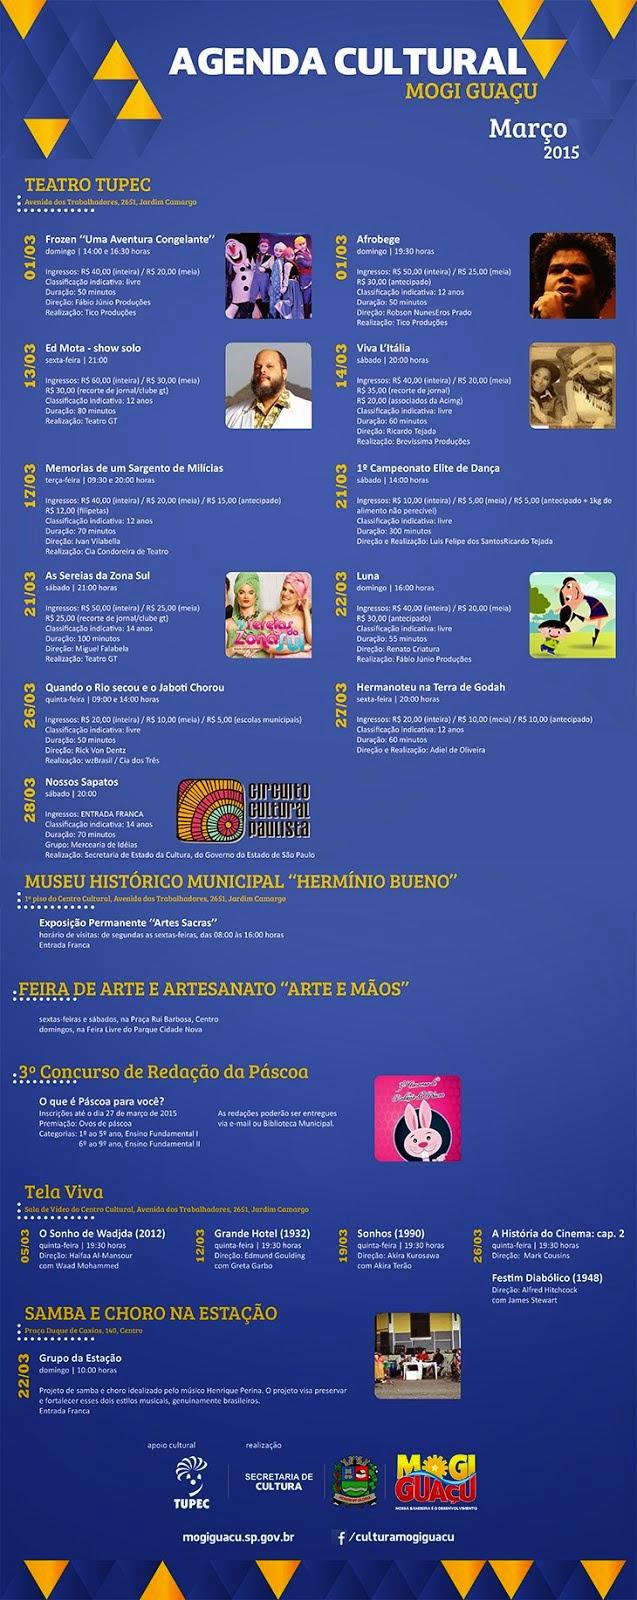 Agenda Cultural em Mogi Guaçu - Março